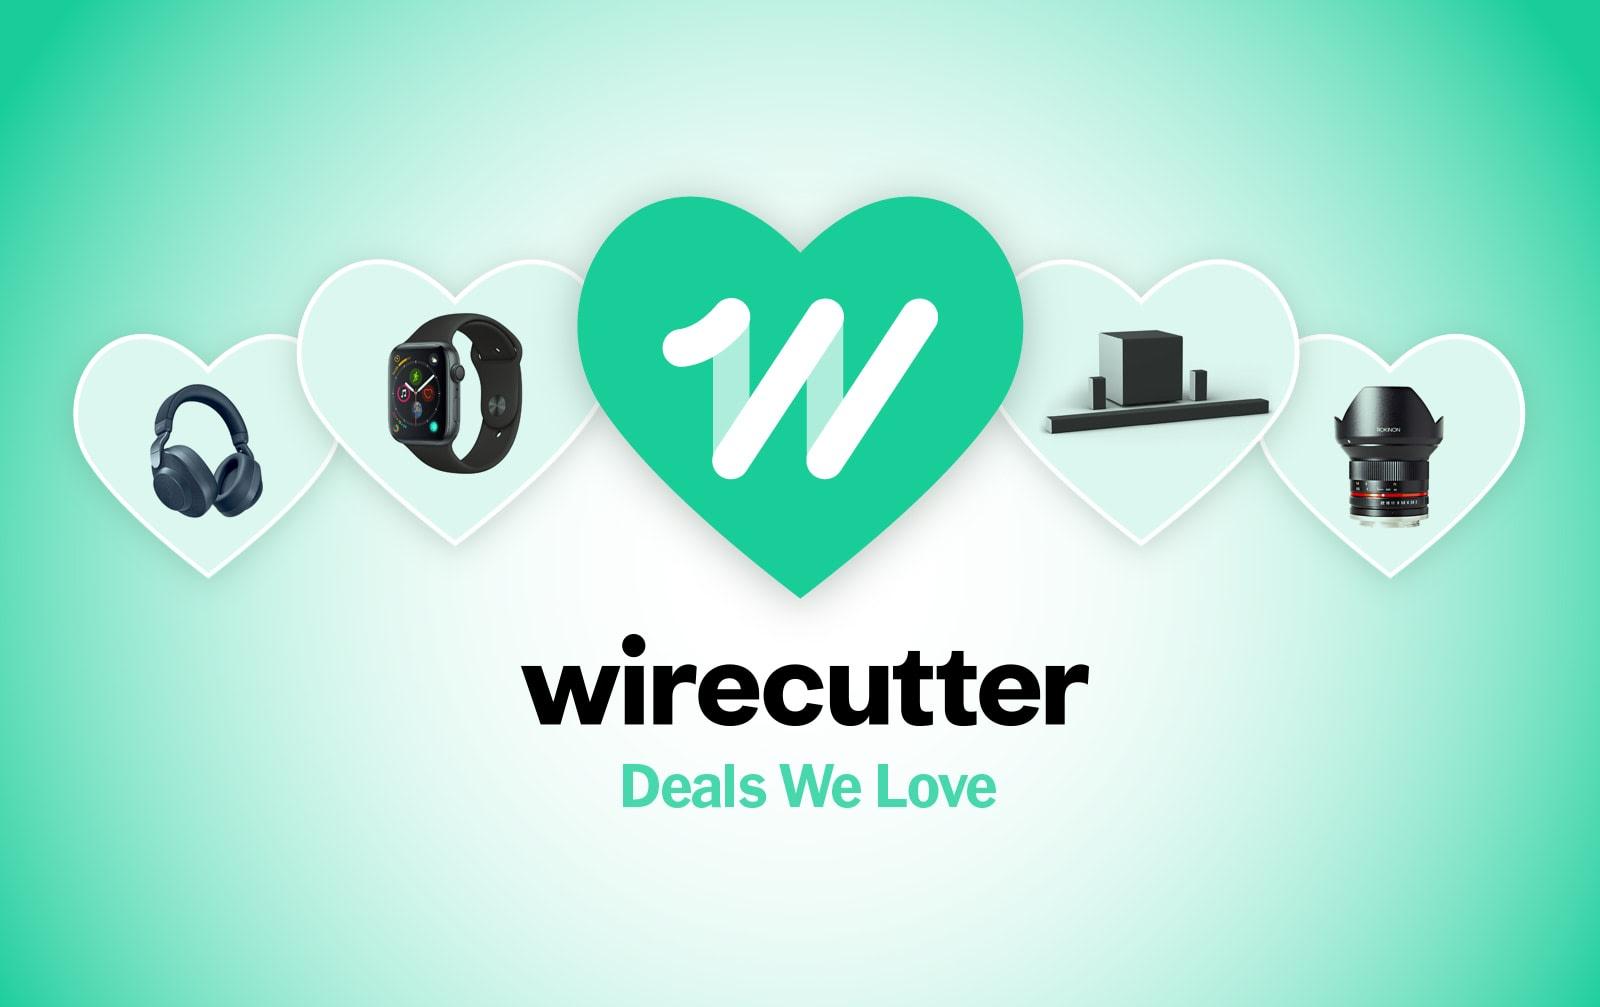 Wirecutter's best deals: Save $250 on a Vizio Soundbar with